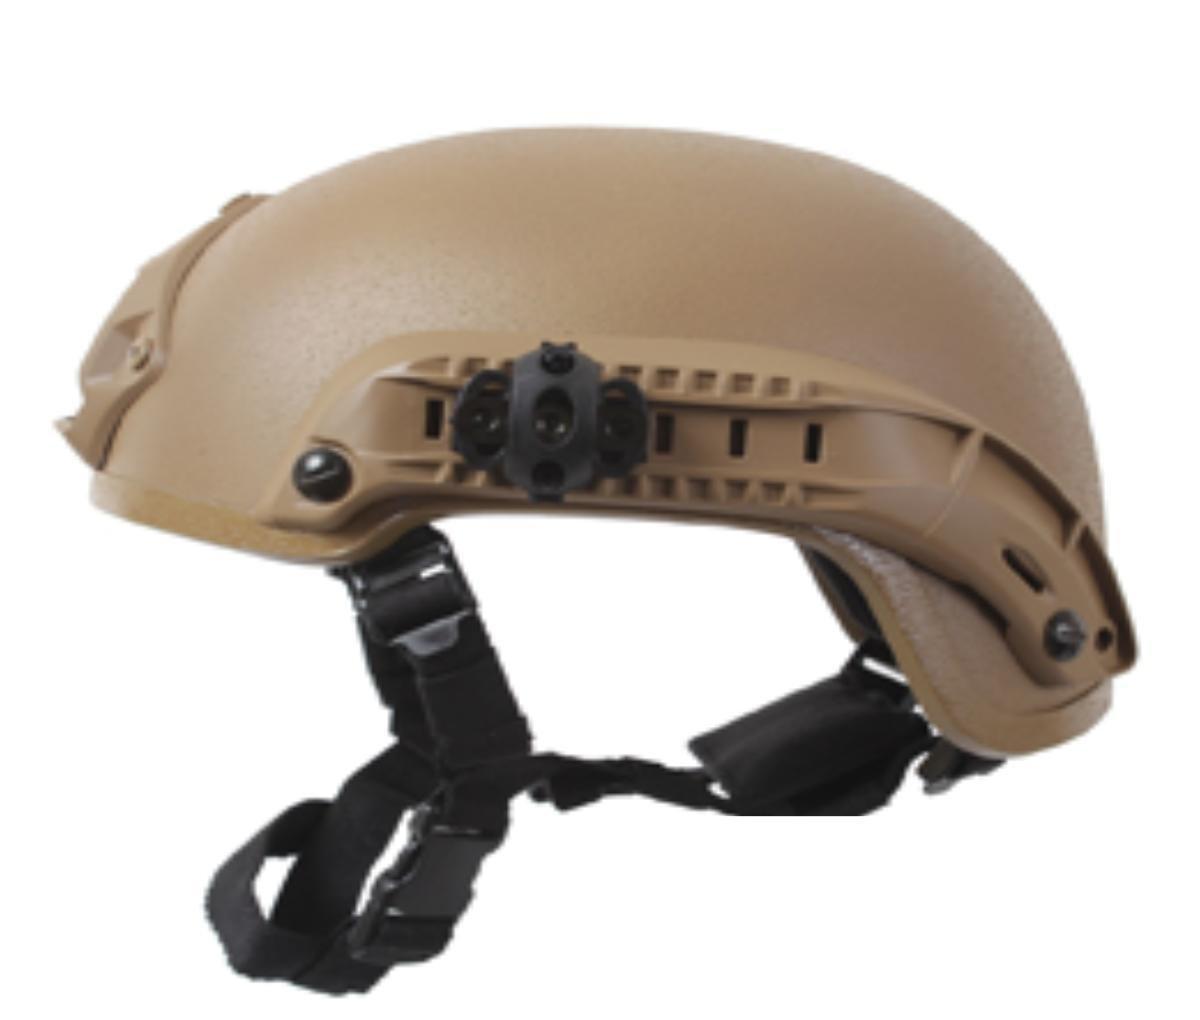 宅配 Rothco ベースジャンプヘルメット B00E9Z4TYU Rothco コヨーテ B00E9Z4TYU/オリーブドラブ コヨーテ/オリーブドラブ, Fabric House Iseki:155c0f08 --- a0267596.xsph.ru